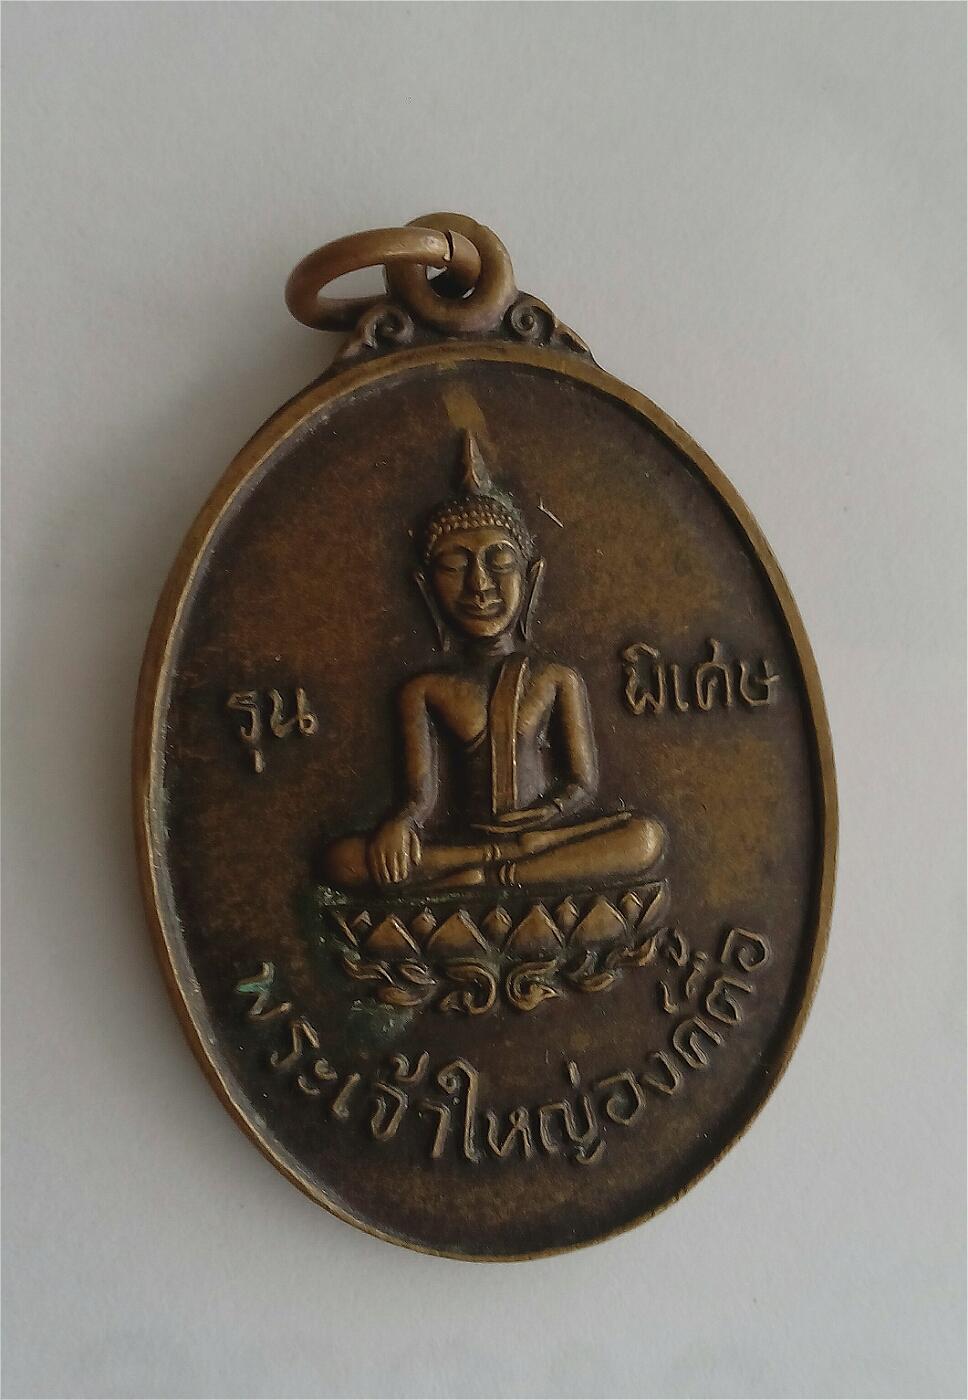 เหรียญพระเจ้าใหญ่องค์ตื้อ รุ่นพิเศษ ปี 2520 ที่ระลึกเสด็จ วัดพระโต บ้านปากแซง อ.นาตาล จ.อุบลราชธานี